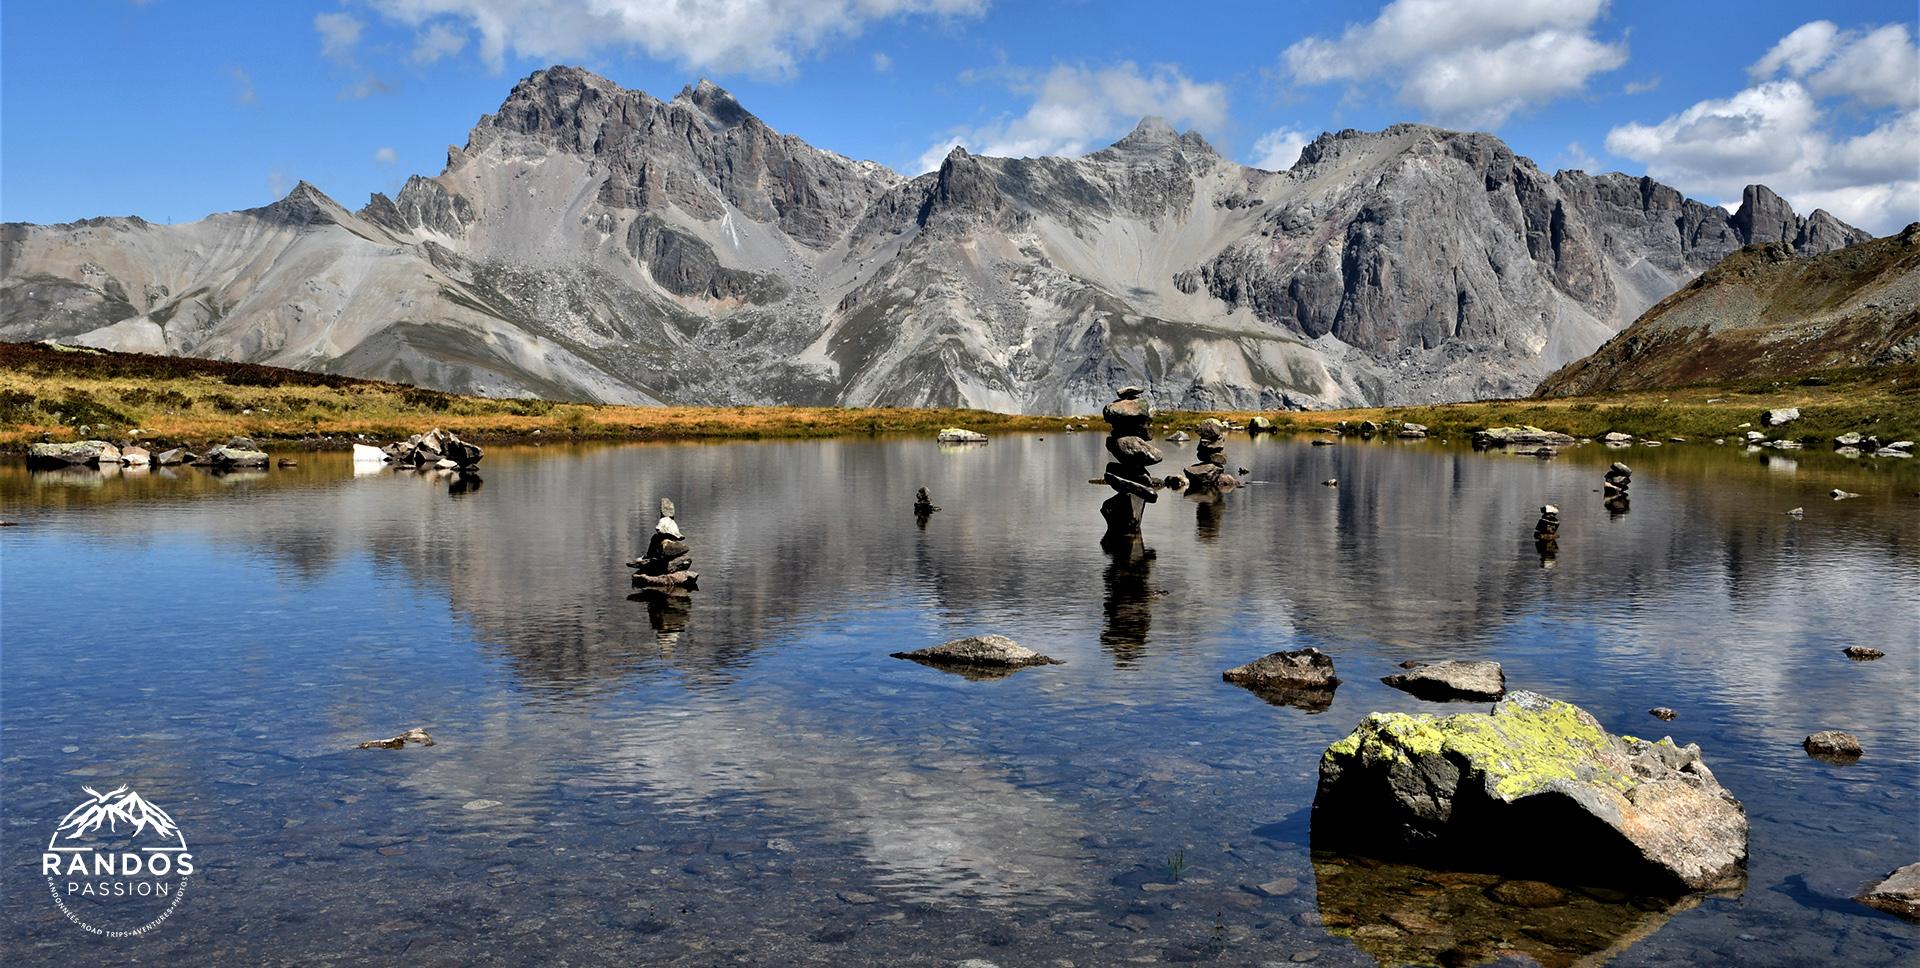 Le petit lac de la combe de Laurichard - Massif des Ecrins